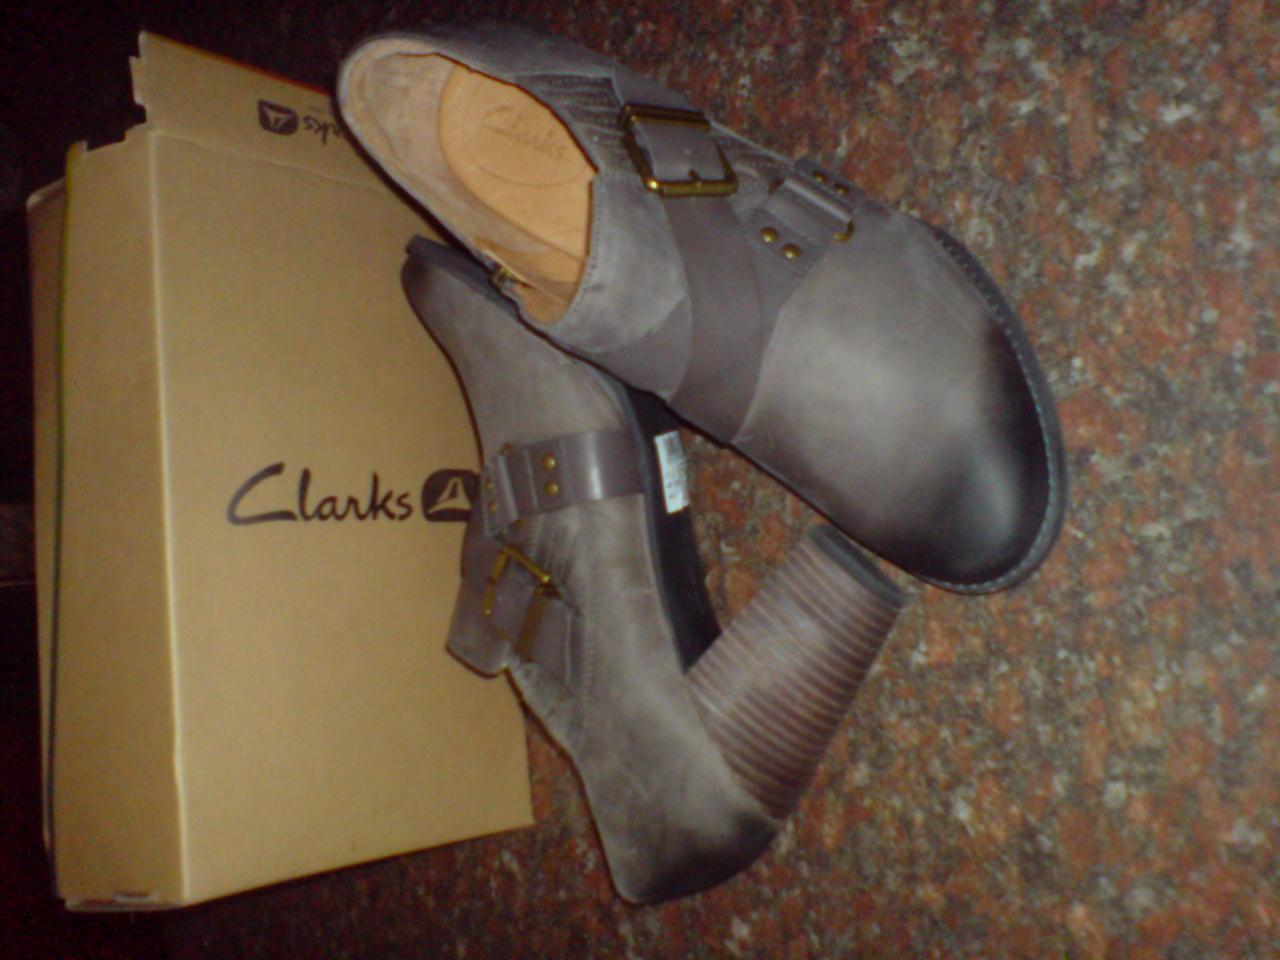 Clarks Damen heide-heidelerche Smart grau Leder Absatz UK UK UK 8 a671a1